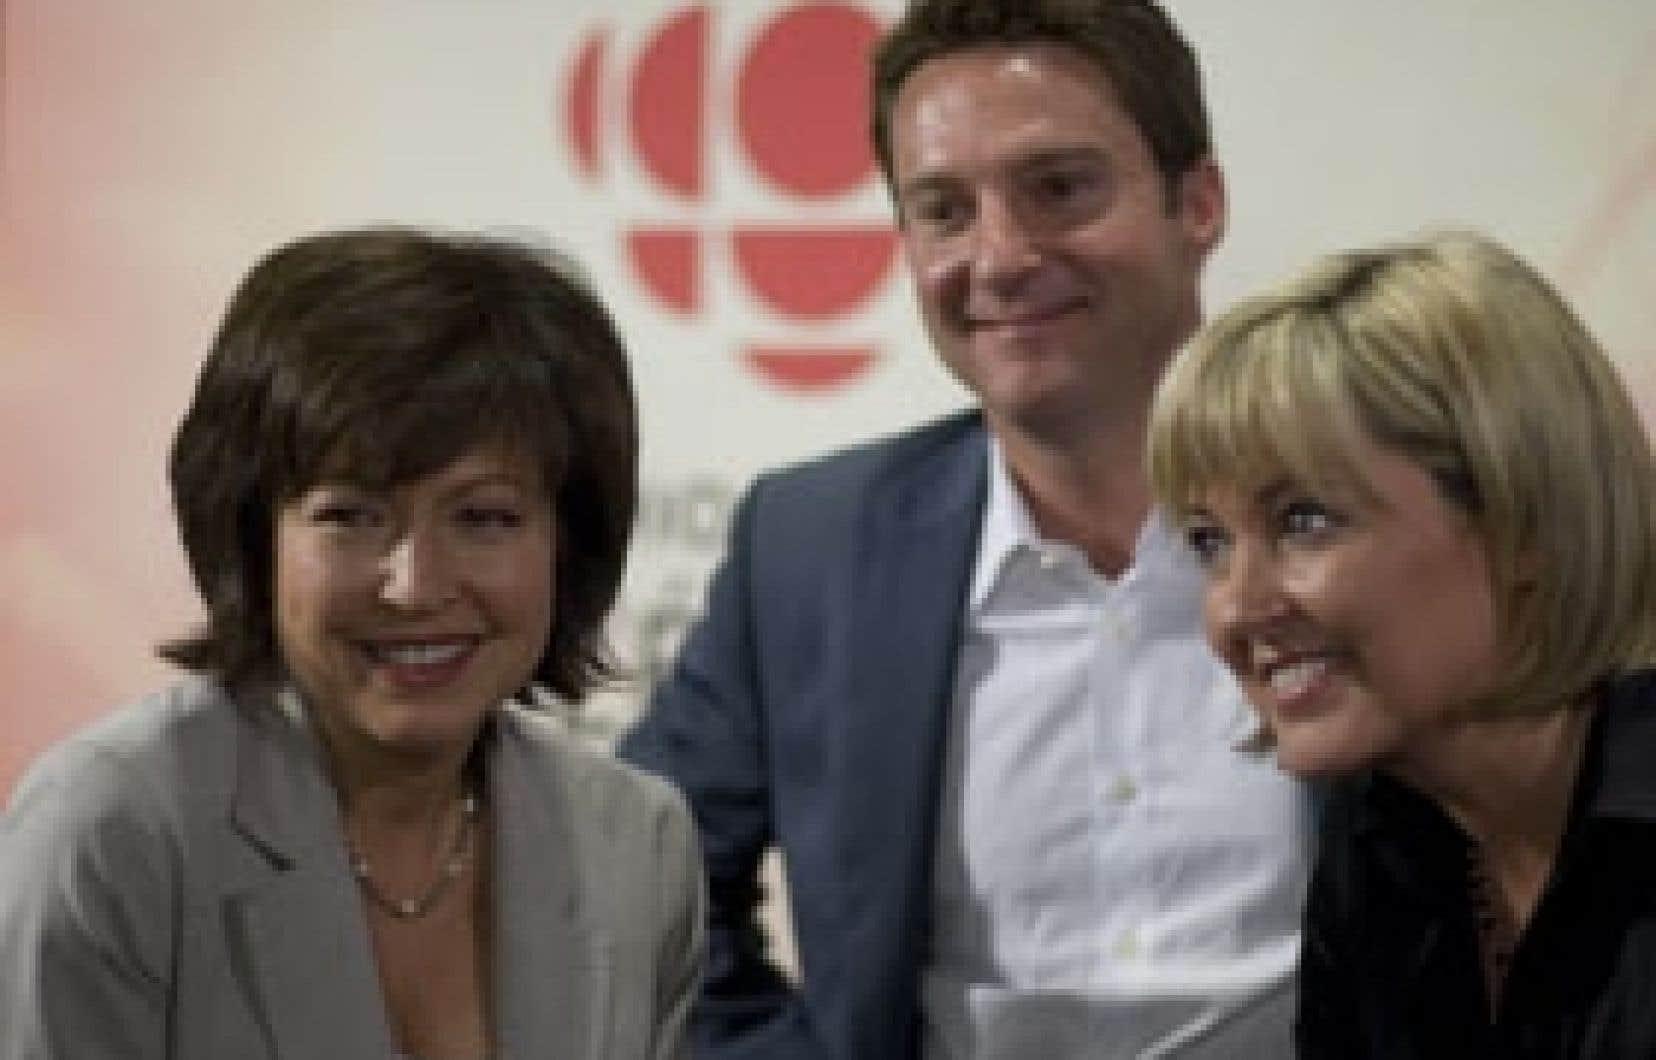 Le service d'information de Radio-Canada vivra un jeu de chaises musicales en janvier. Patrice Roy remplacera Pascale Nadeau au Téléjournal montréalais de 18h, pendant que Céline Galipeau remplacera Bernard Derome les soirs de semaine.